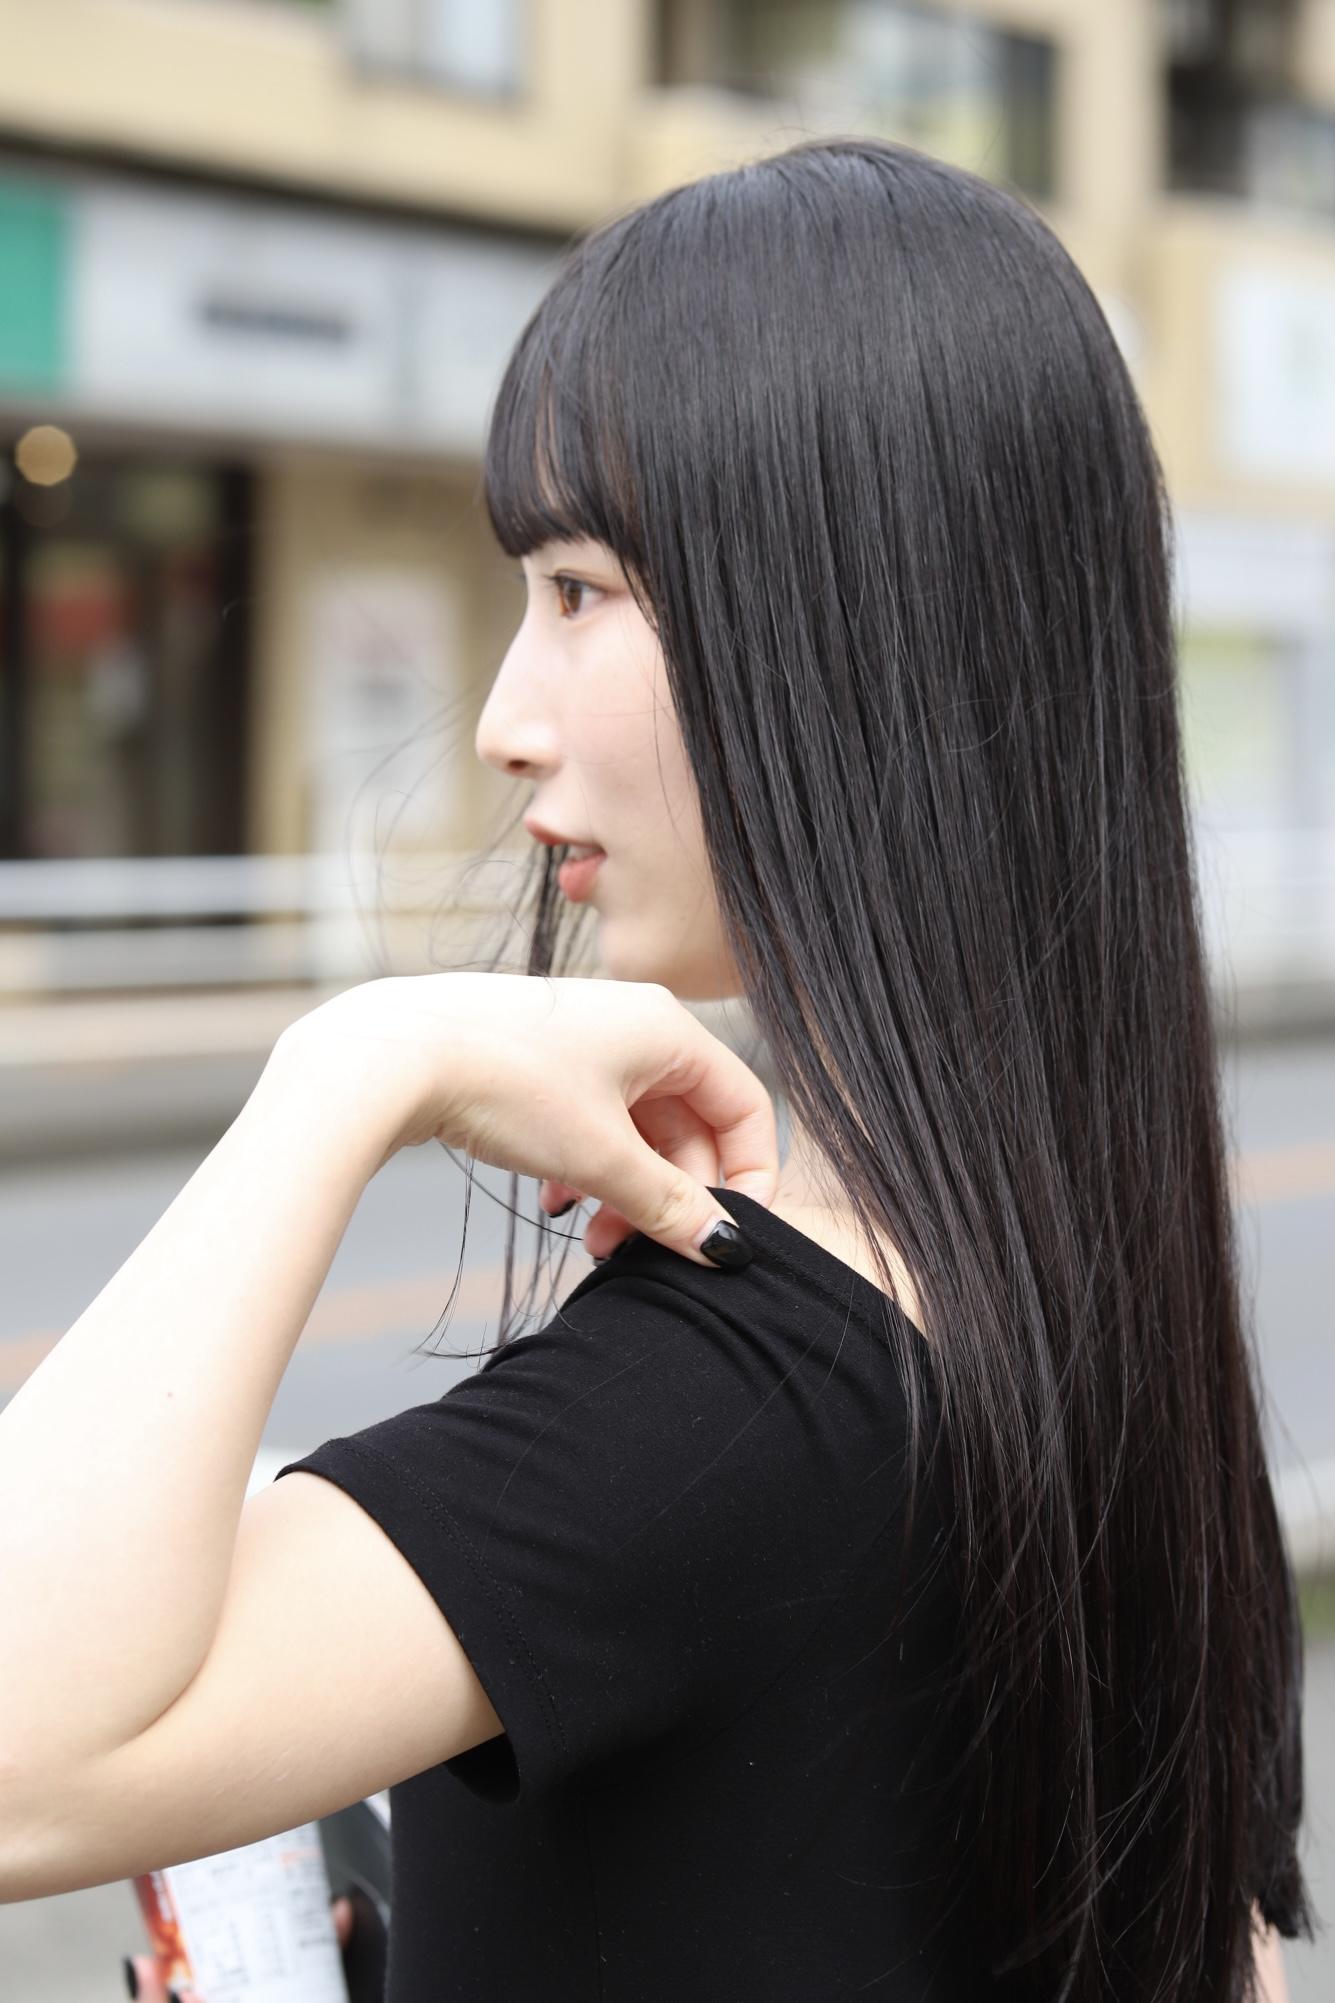 見た目の印象もガラッと変わる白髪染めが一押しポイント!≪LUCK≫独自の技術とレシピで今までできなかった明るい白髪染めが可能に♪丁寧なカウンセリングを行うことでお客様に最適なものをご提案♪  また、悩みに合わせ多種あるヘアケアからお選び頂けます!2週間で髪質改善ケアができるケラチンや、修復力最高フローディア、アクアアドバンストリートメント等ワンランク上のツヤ髪を手に♪ヨーグルトや炭酸スパもご用意!